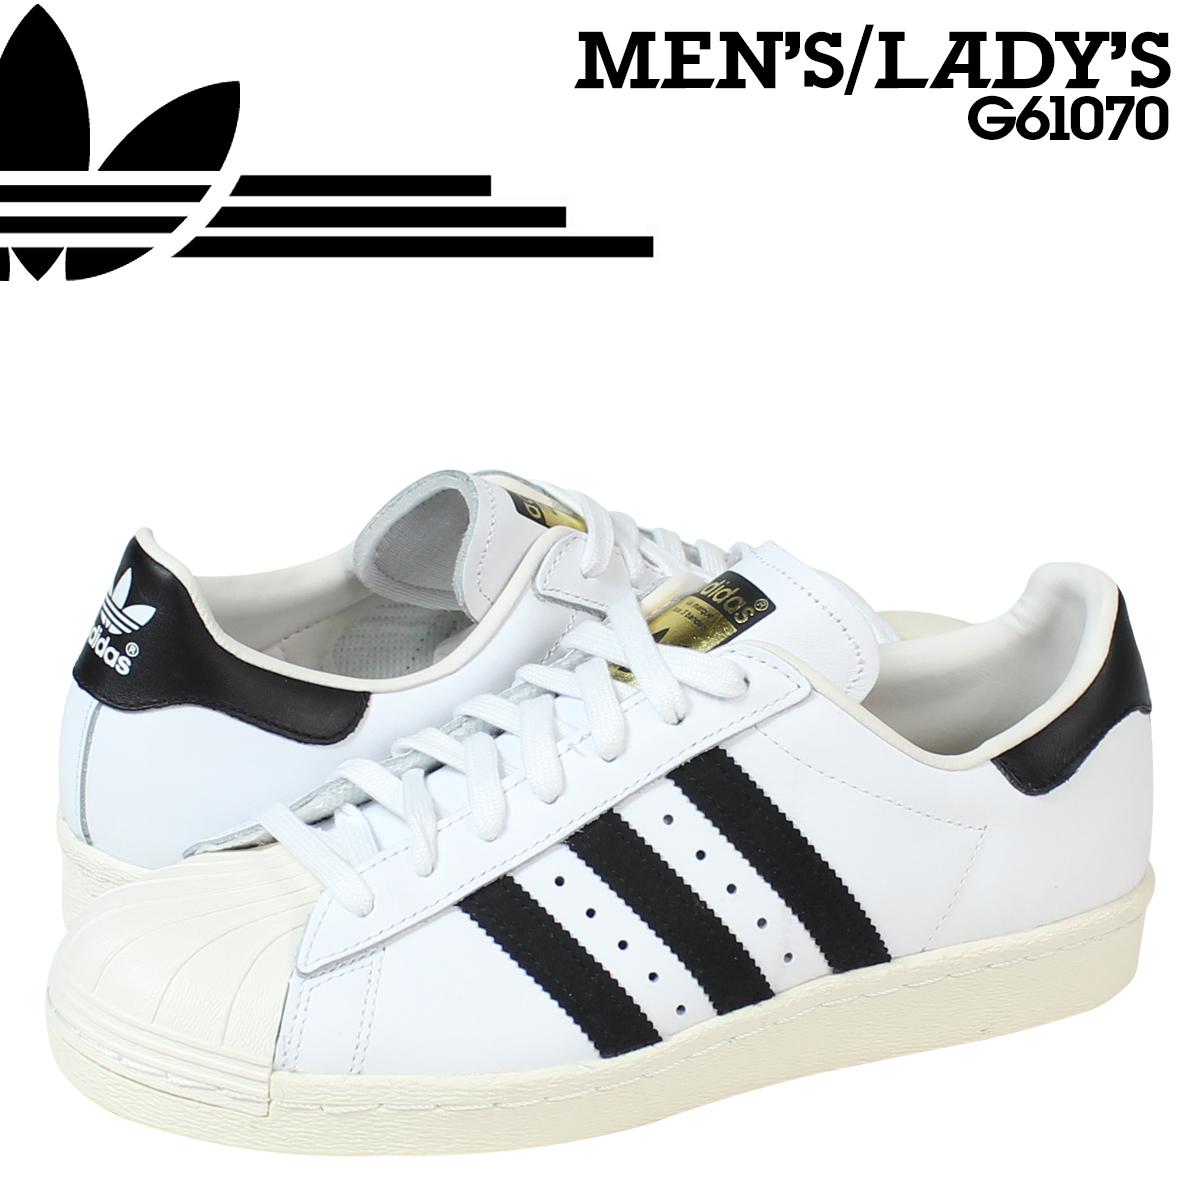 SneaK Online Shop | Rakuten Global Market: Adidas originals adidas Originals superstar sneakers SUPERSTAR 80 s G61070 men's women's shoes white [8/5 Add in stock]